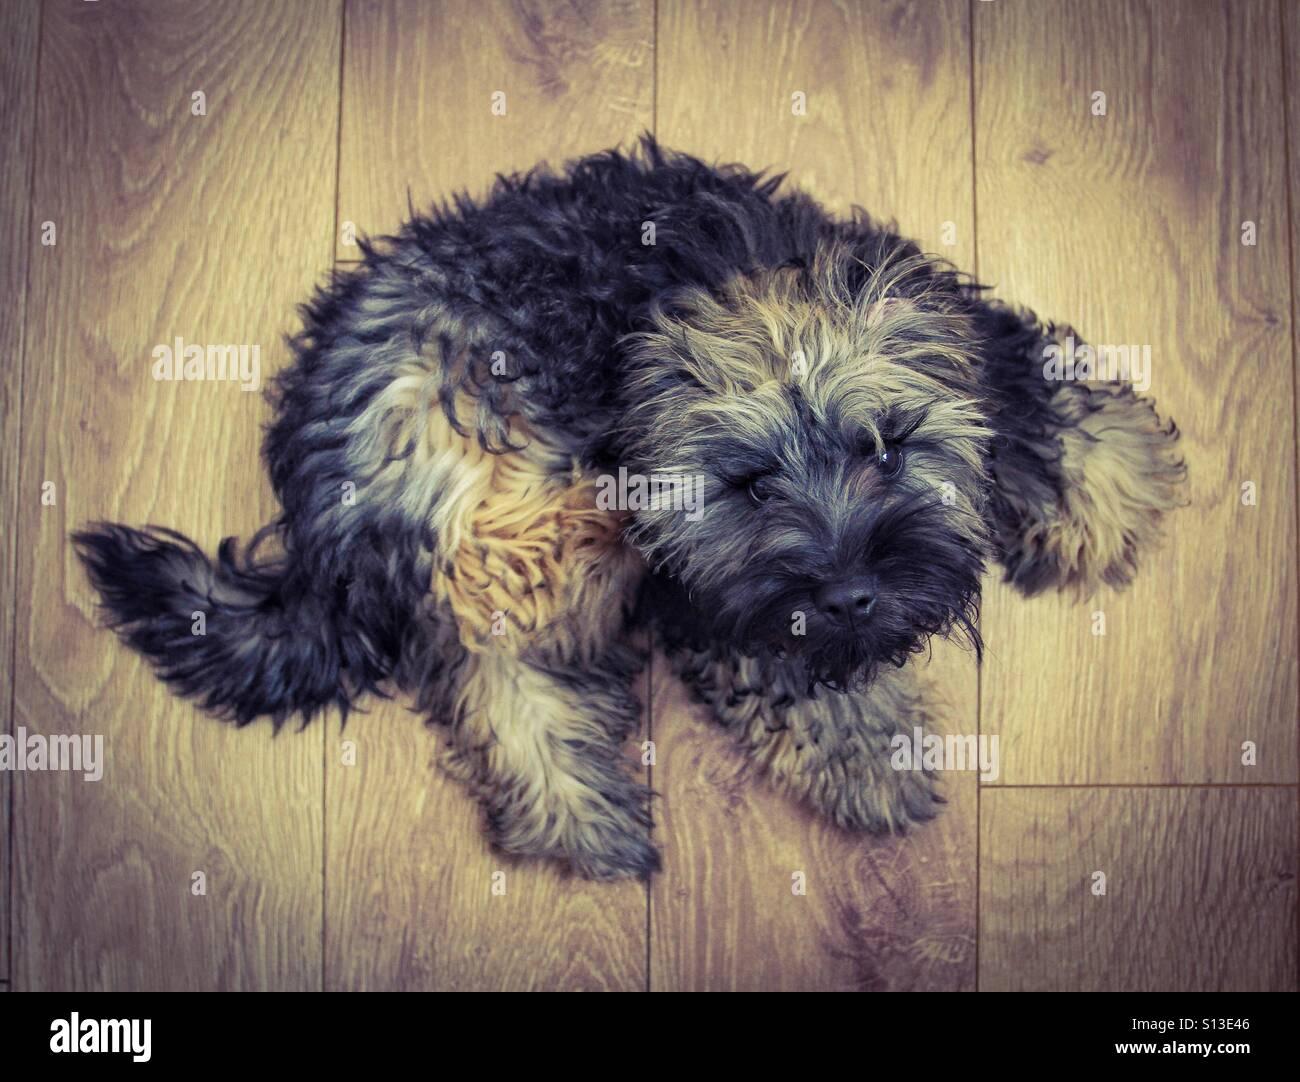 Guardando verso il basso a partire da sopra su una pelliccia, cane peloso guardando verso l'alto per la telecamera che si posa su un pavimento di legno. Foto Stock